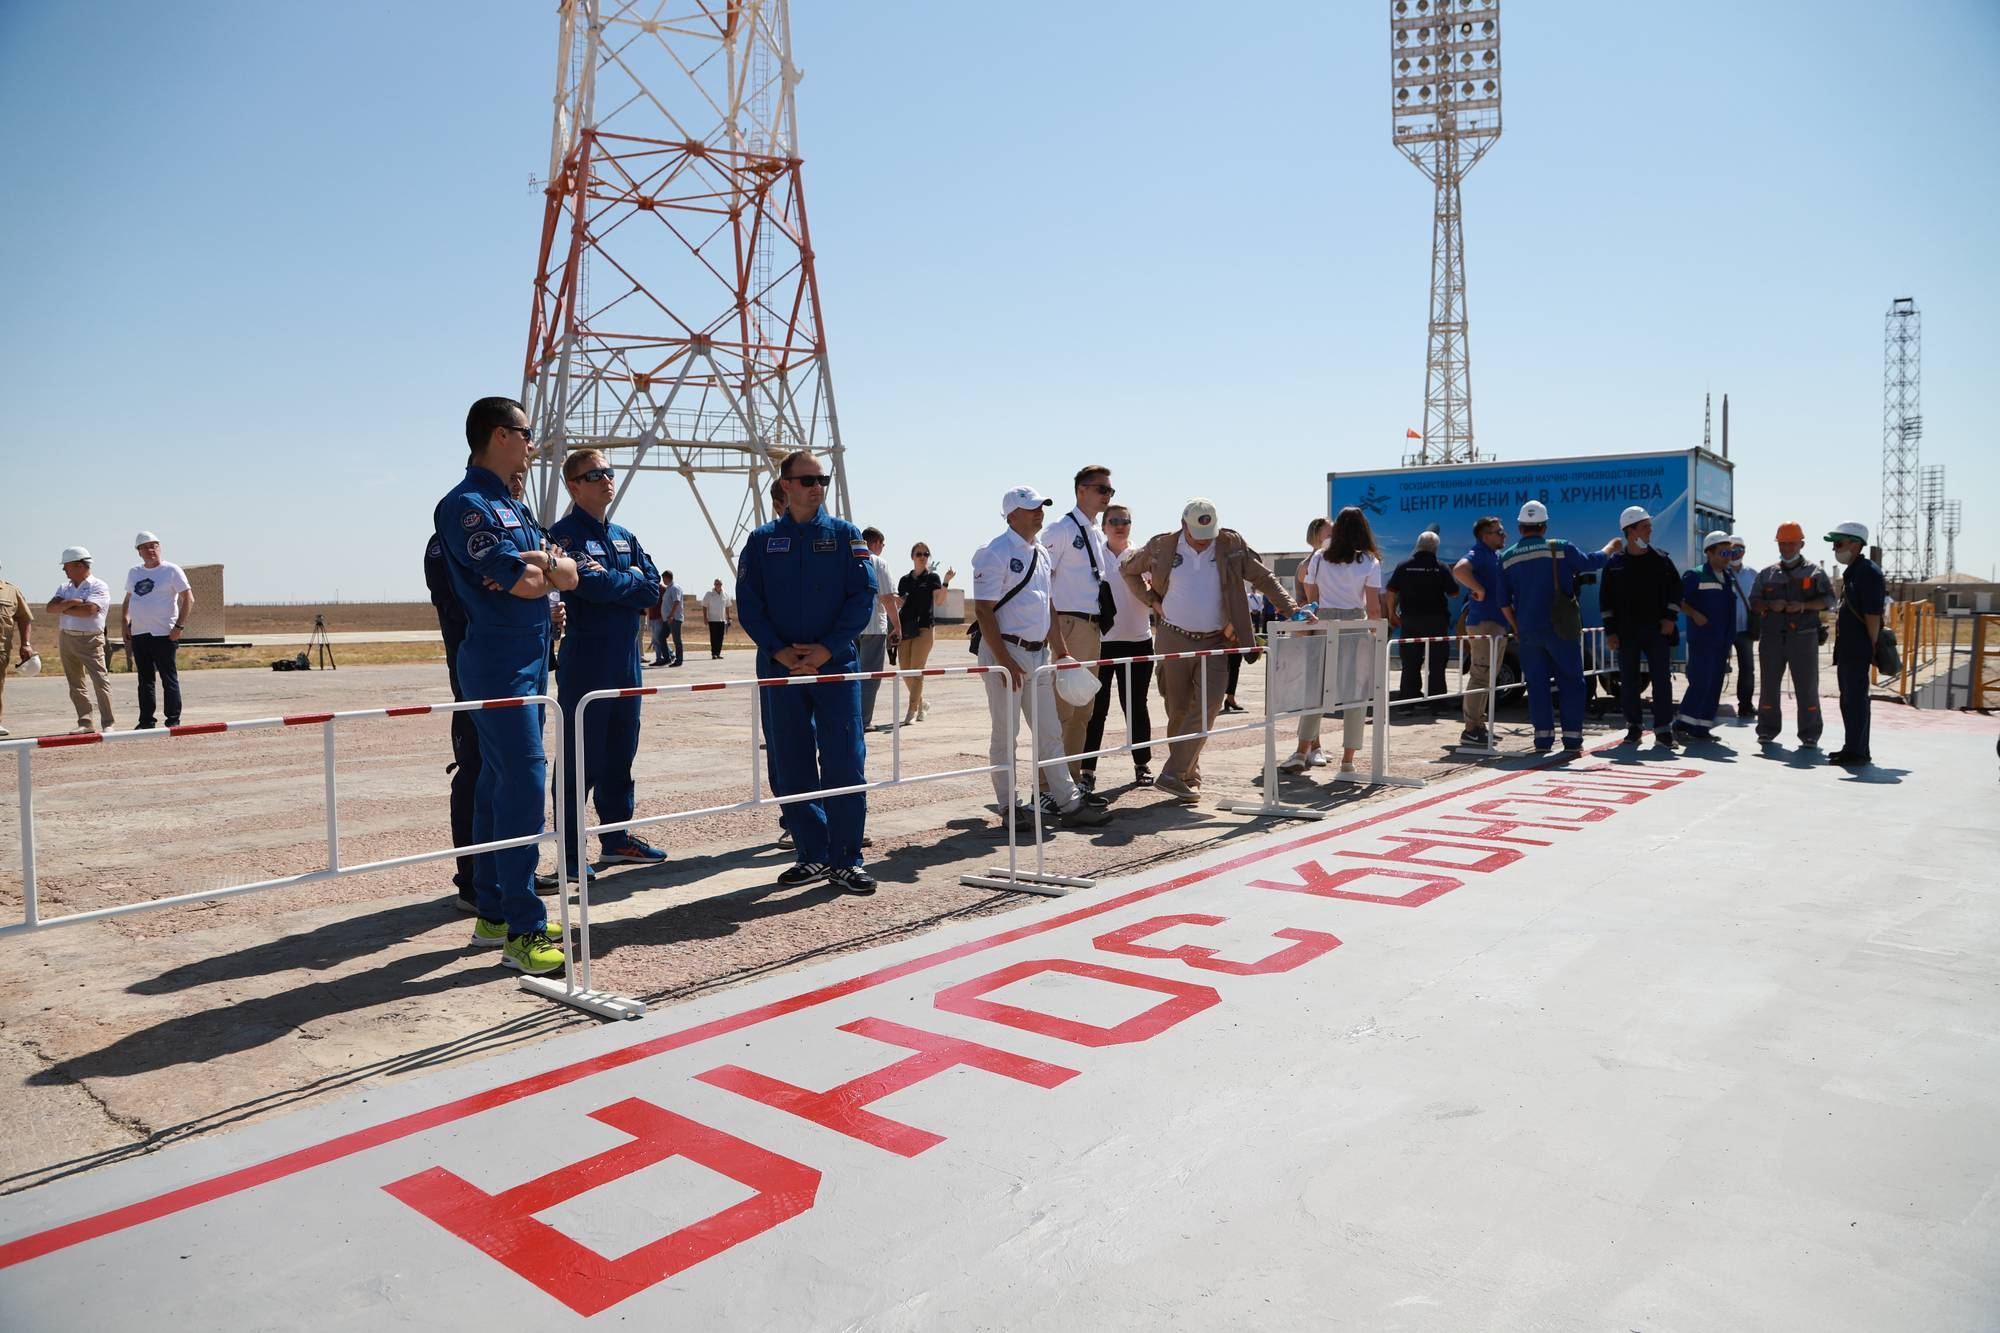 Les cosmonautes (en bleus) observent les opérations sans dépasser la zone interdite.